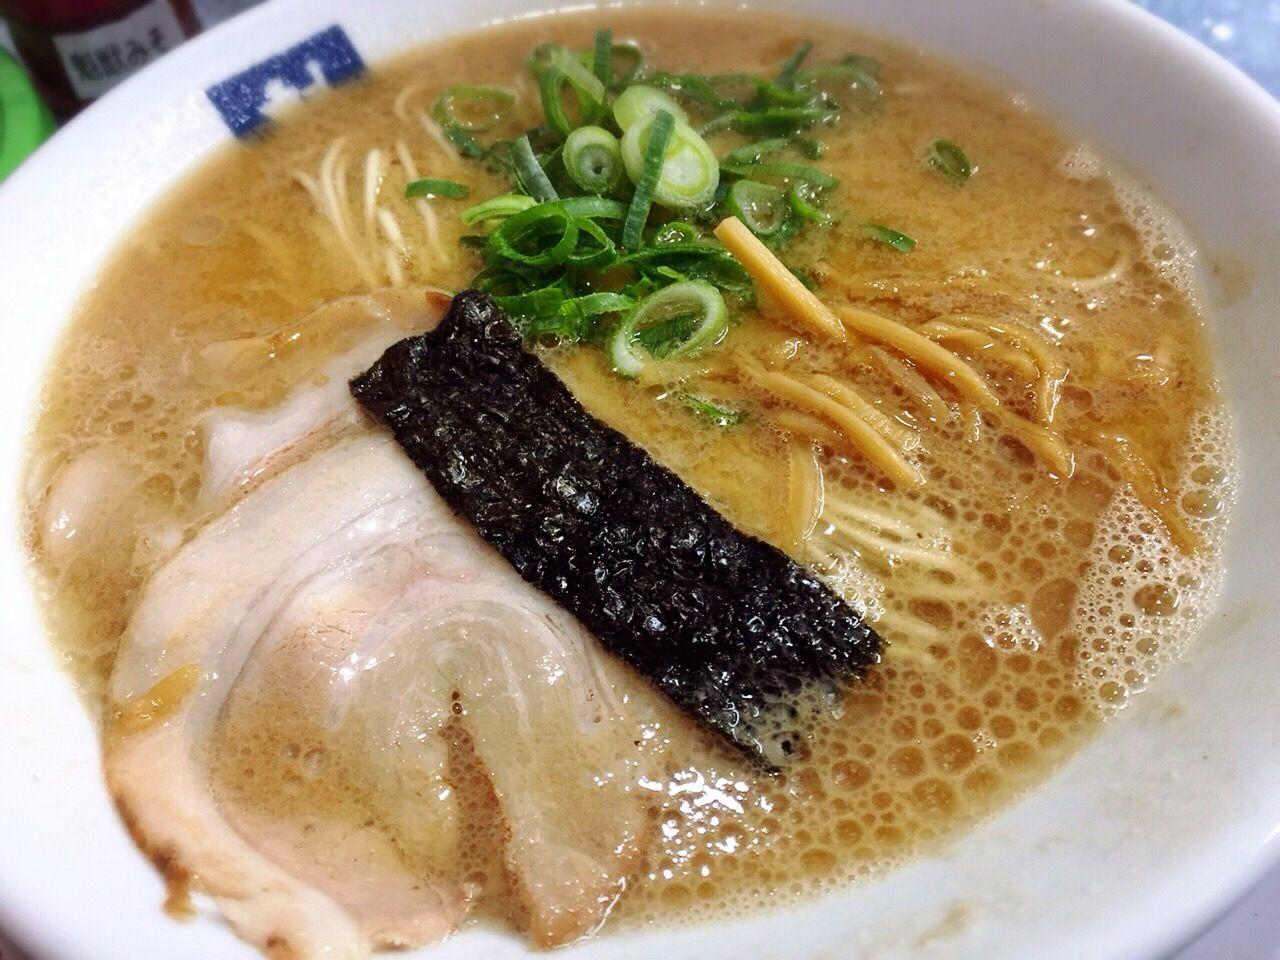 魁龍 小倉本店 』 ドこってりド豚骨久留米ラーメン〜お世話になりまし ...